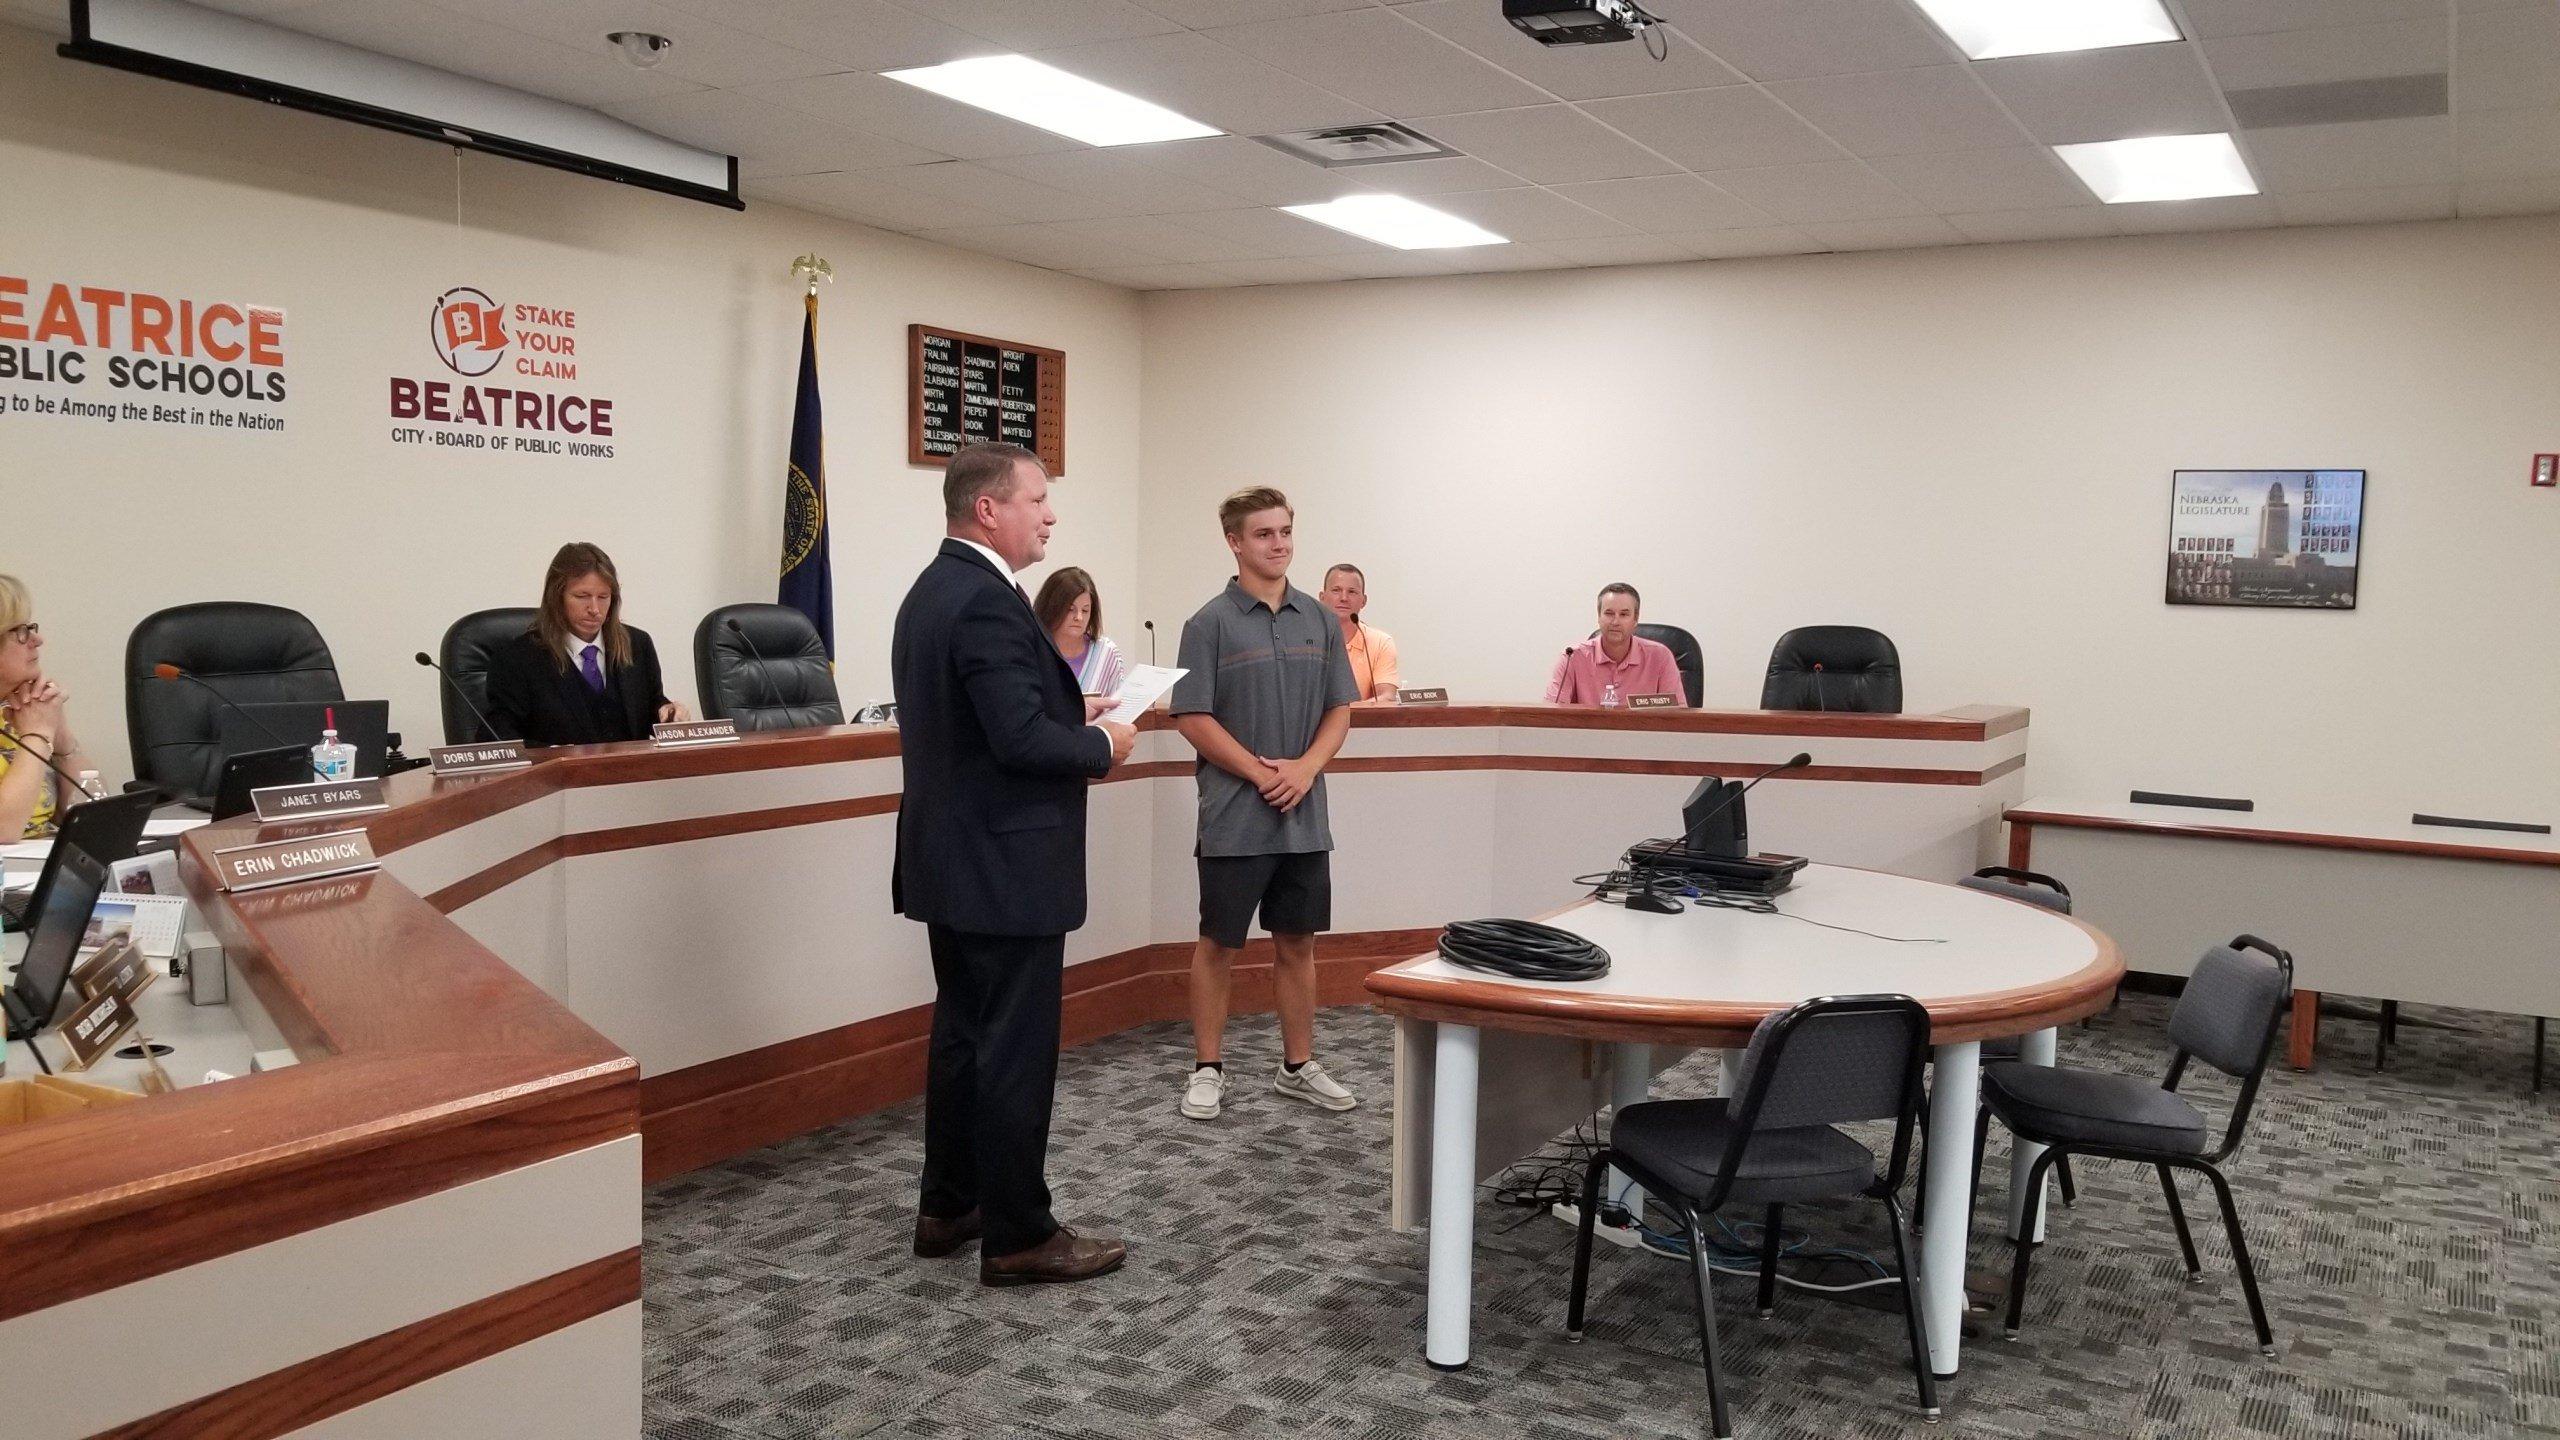 Connor Hamilton sworn in as new student board member